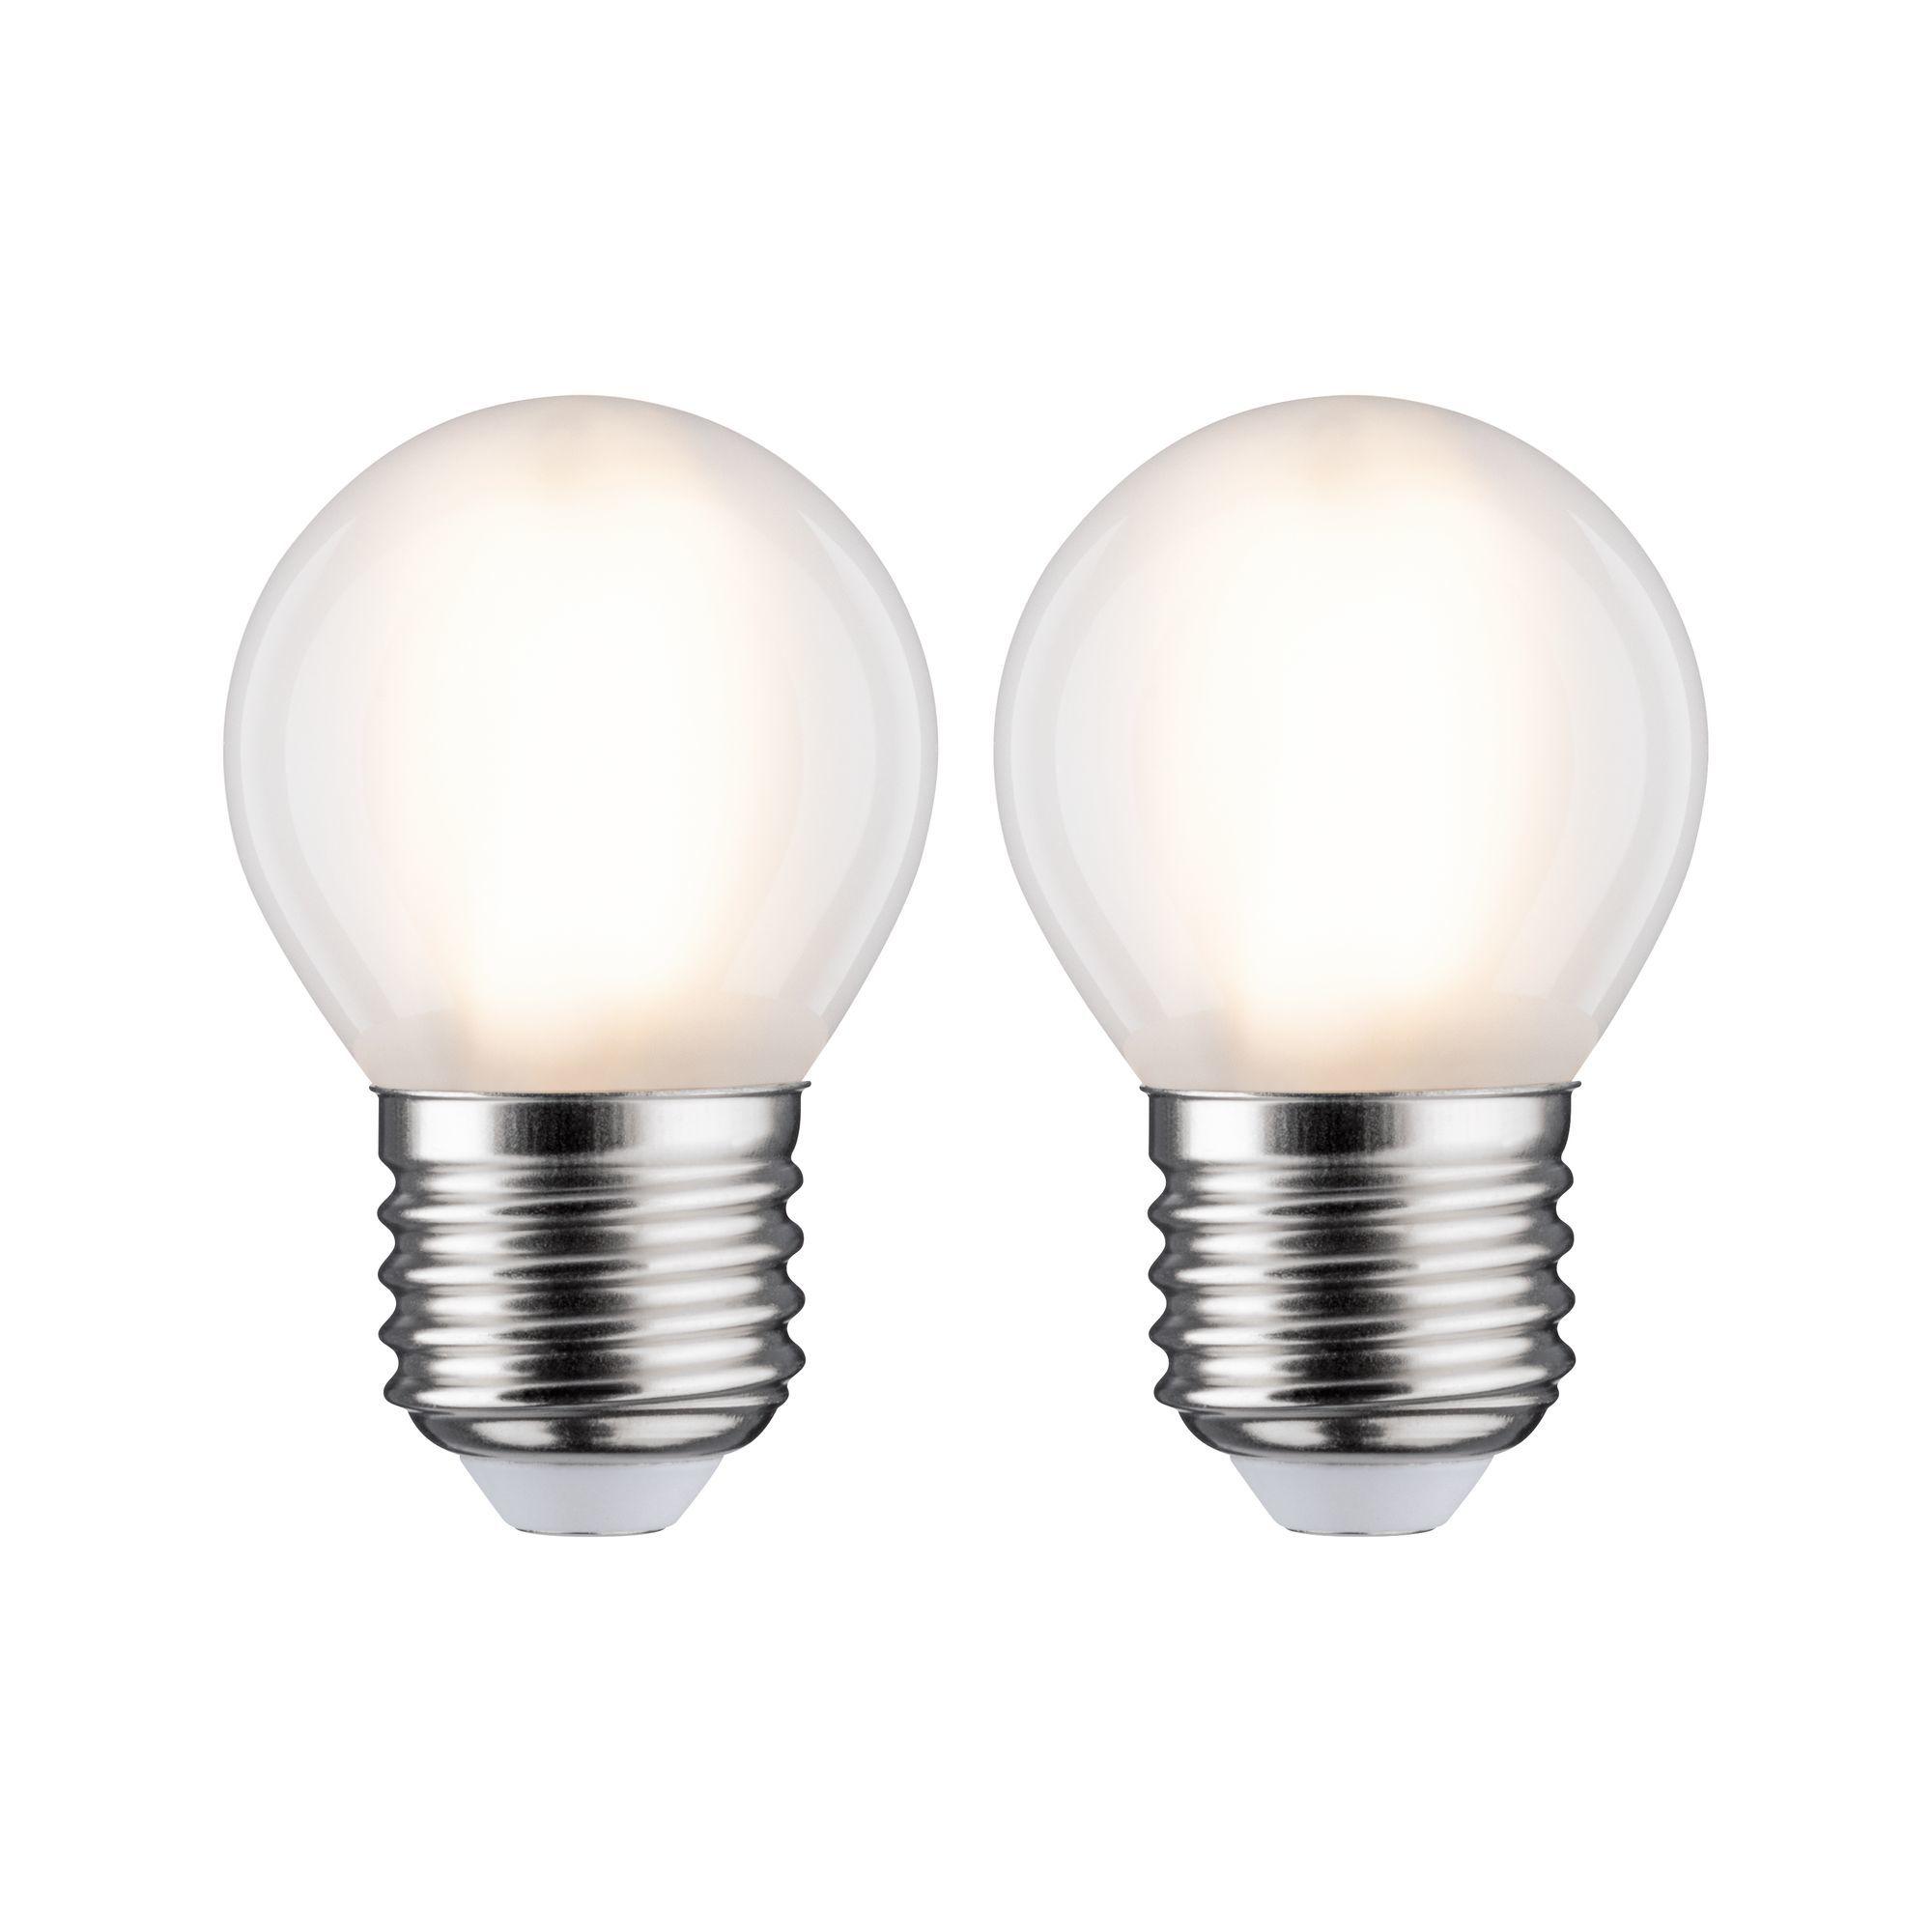 Paulmann LED Fil 2er Tropfen 470lm E27 2700K matt 5W 230V (28639)